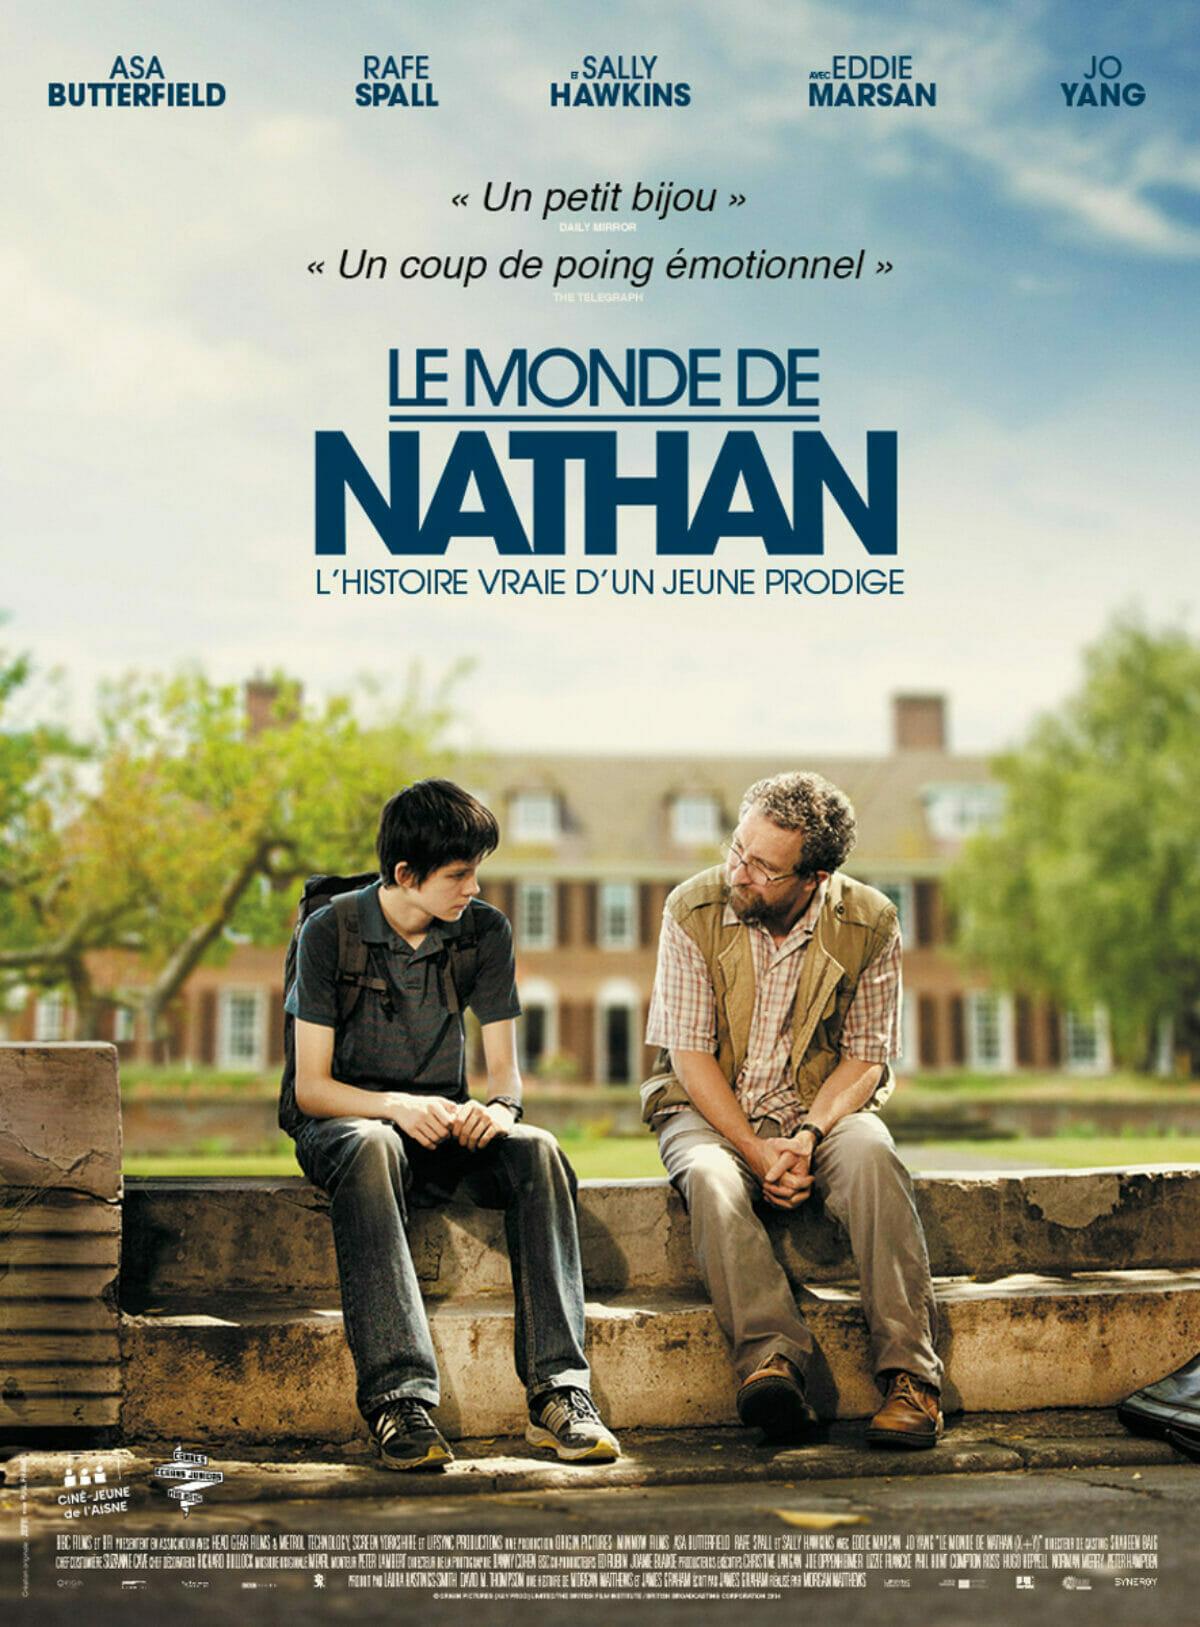 Le-Monde-de-Nathan-poster